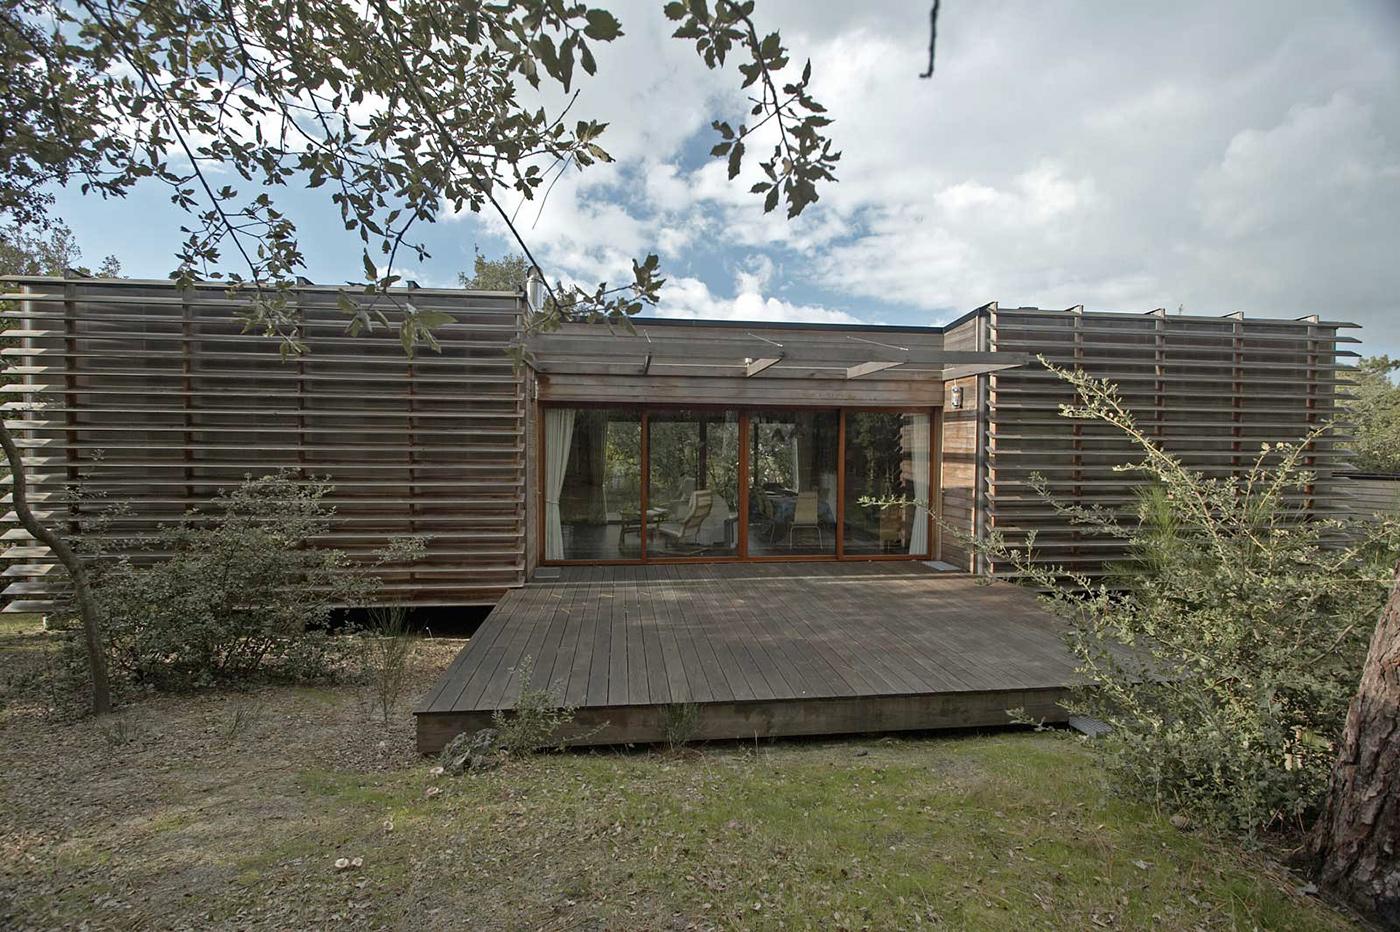 Maison bois sur pilotis en haut d'une duneà Soulac sur Mer par BM Syst u00e8me la maison bois par  # Maison Bois Sur Pilotis